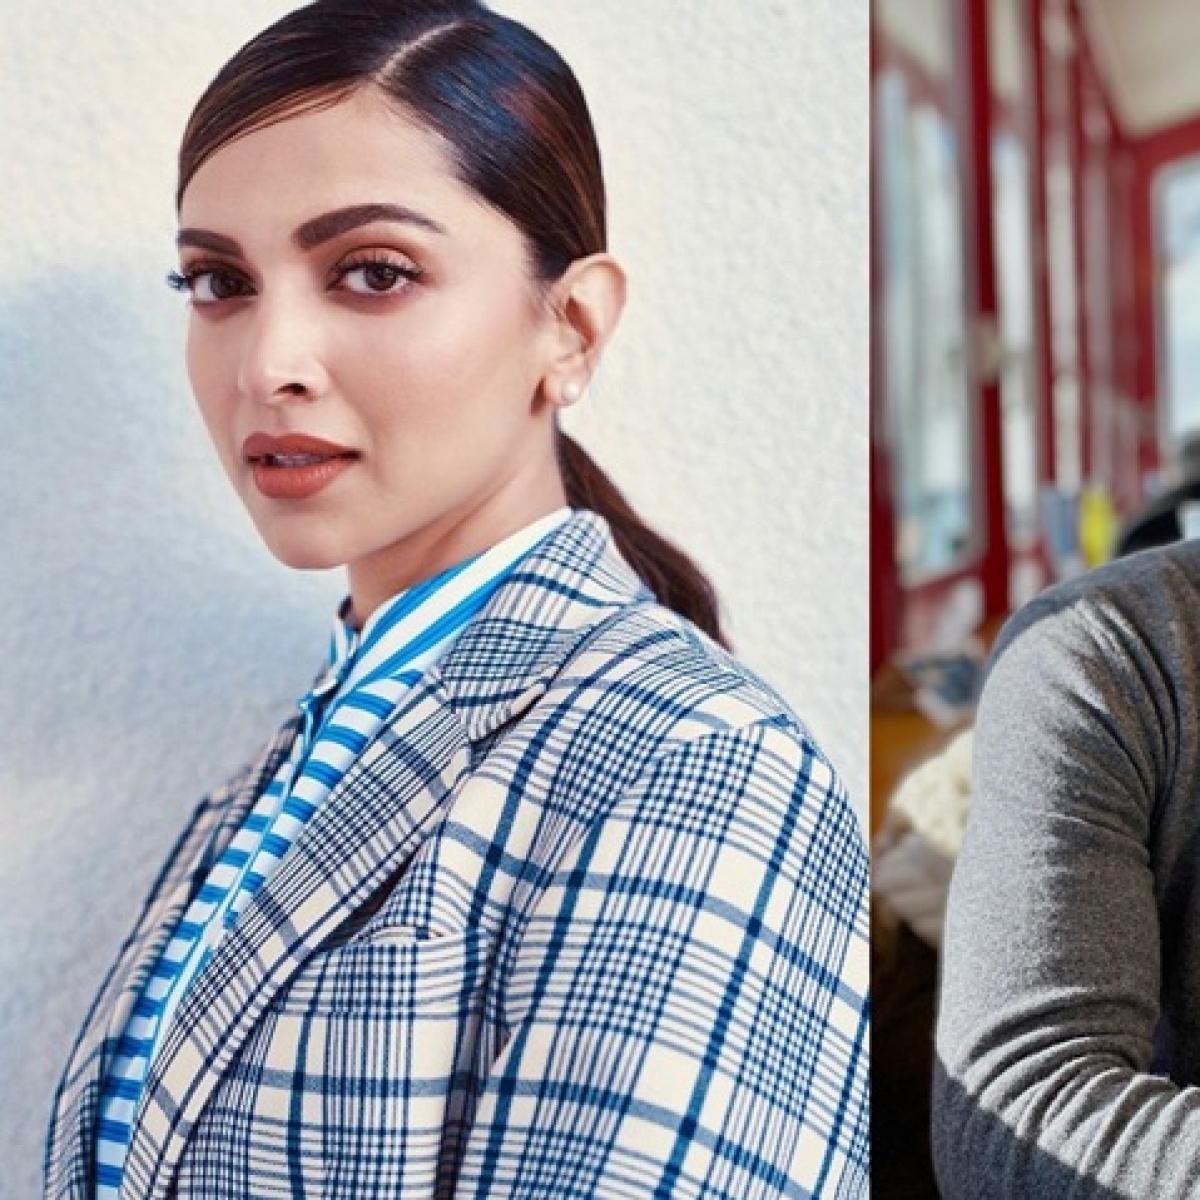 After Rajinikanth, Deepika and Virat to feature on Bear Grylls' 'Man Vs Wild'